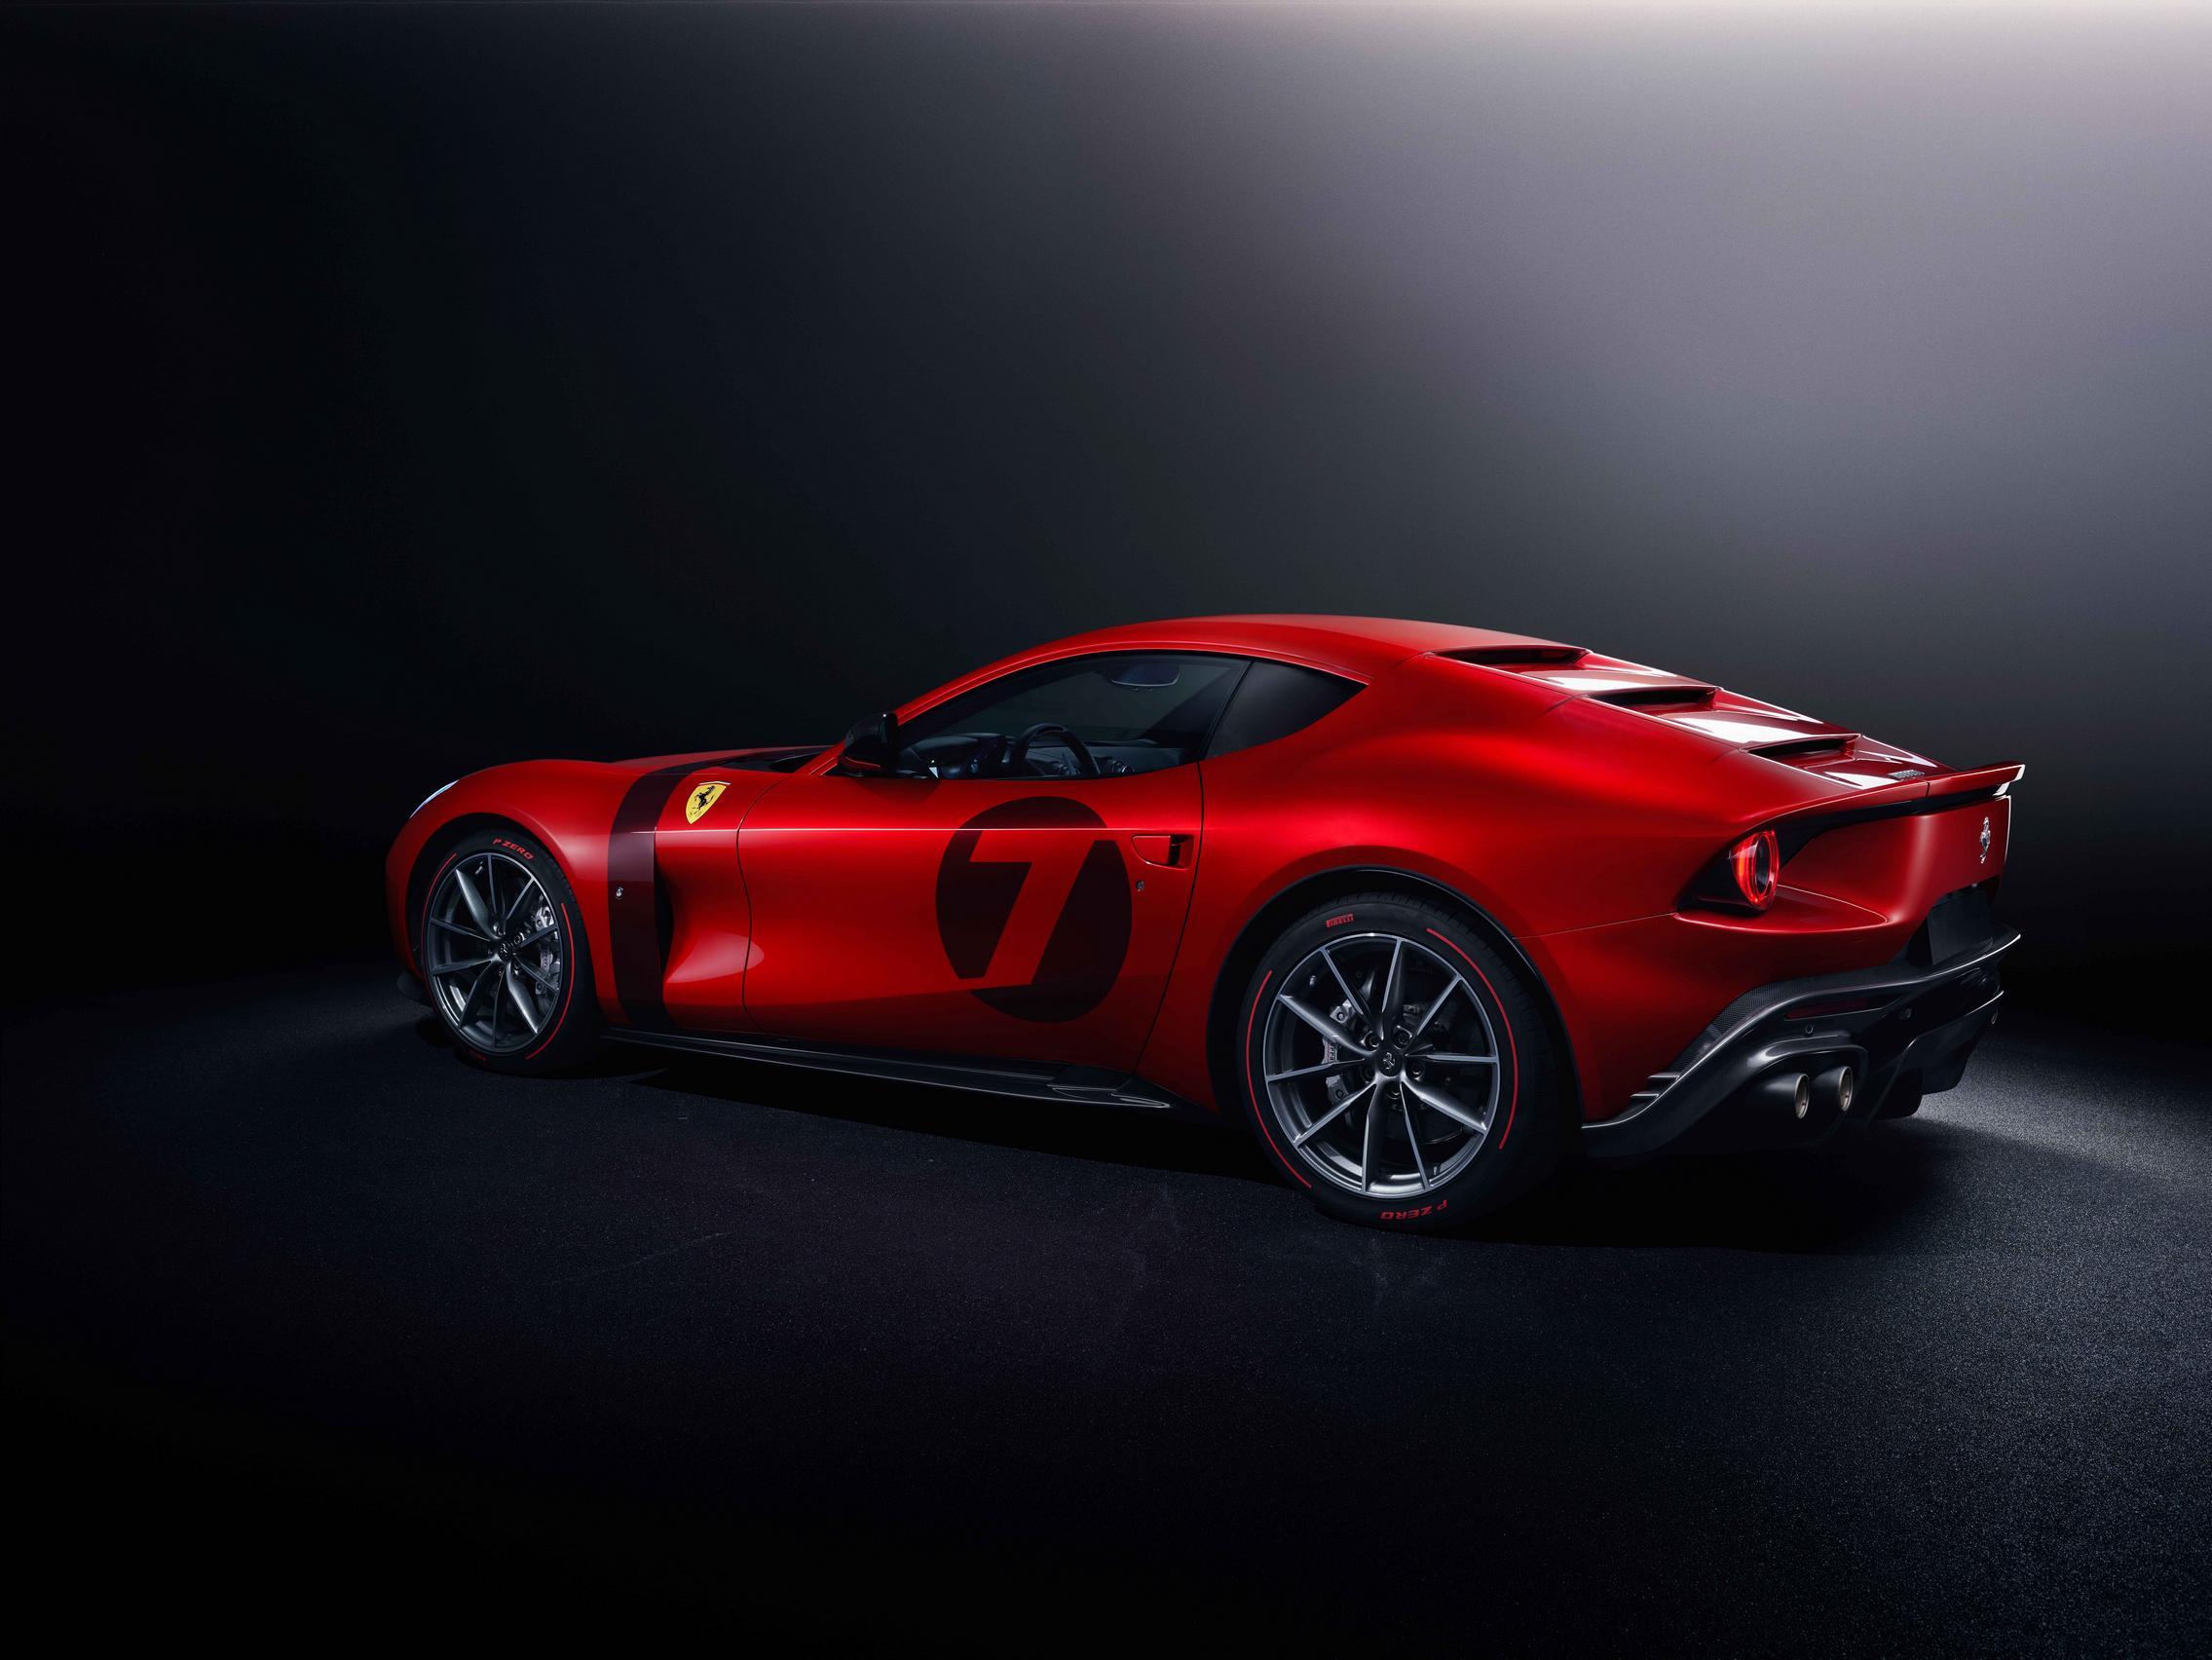 Ferrari Omologata rear